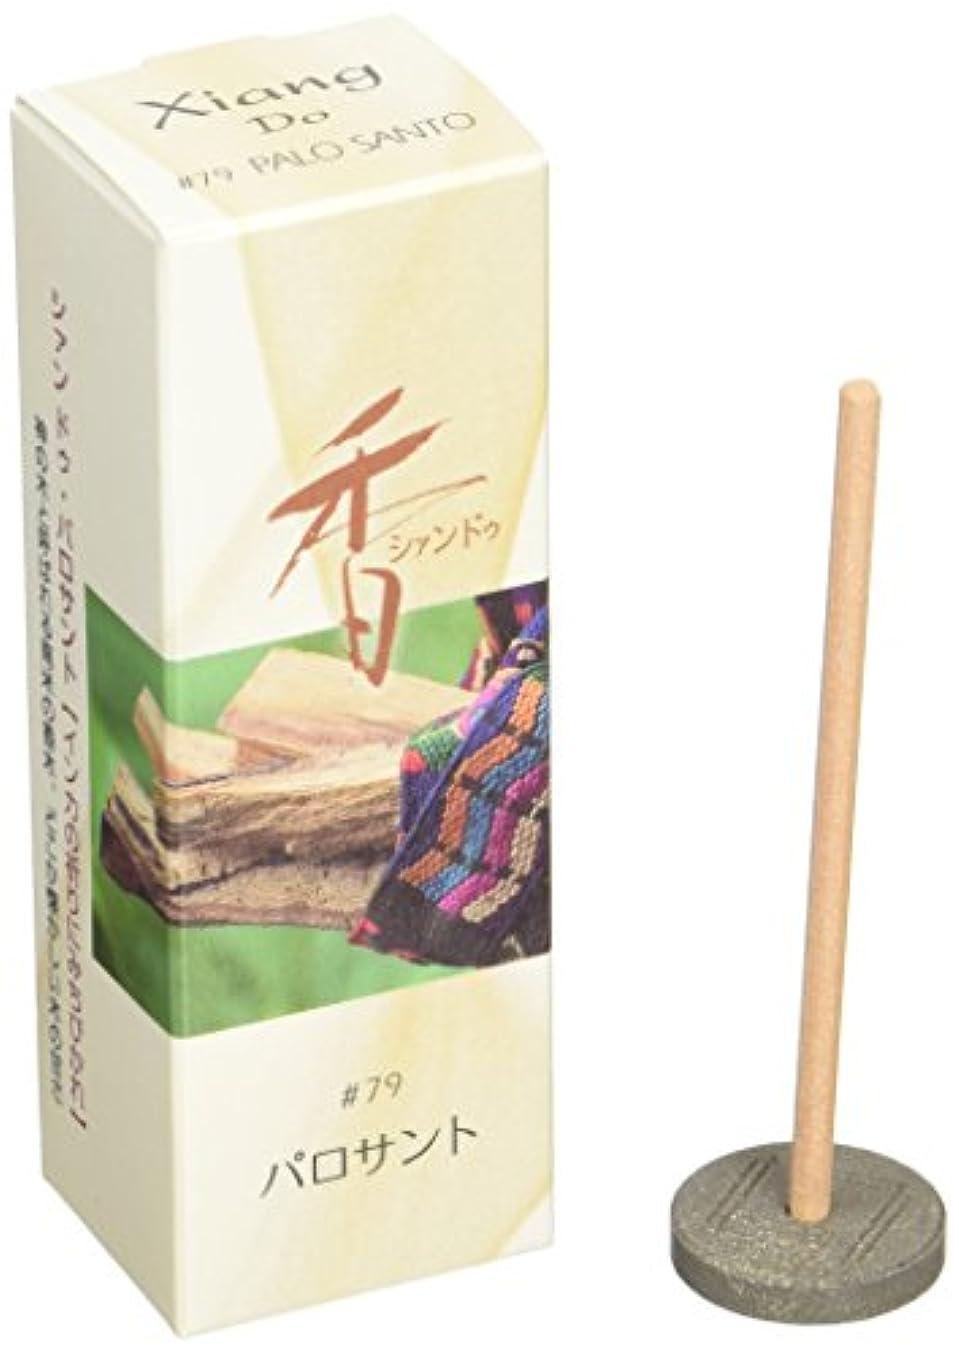 拍手家庭教師賭け松栄堂のお香 Xiang Do パロサント ST20本入 簡易香立付 #214279